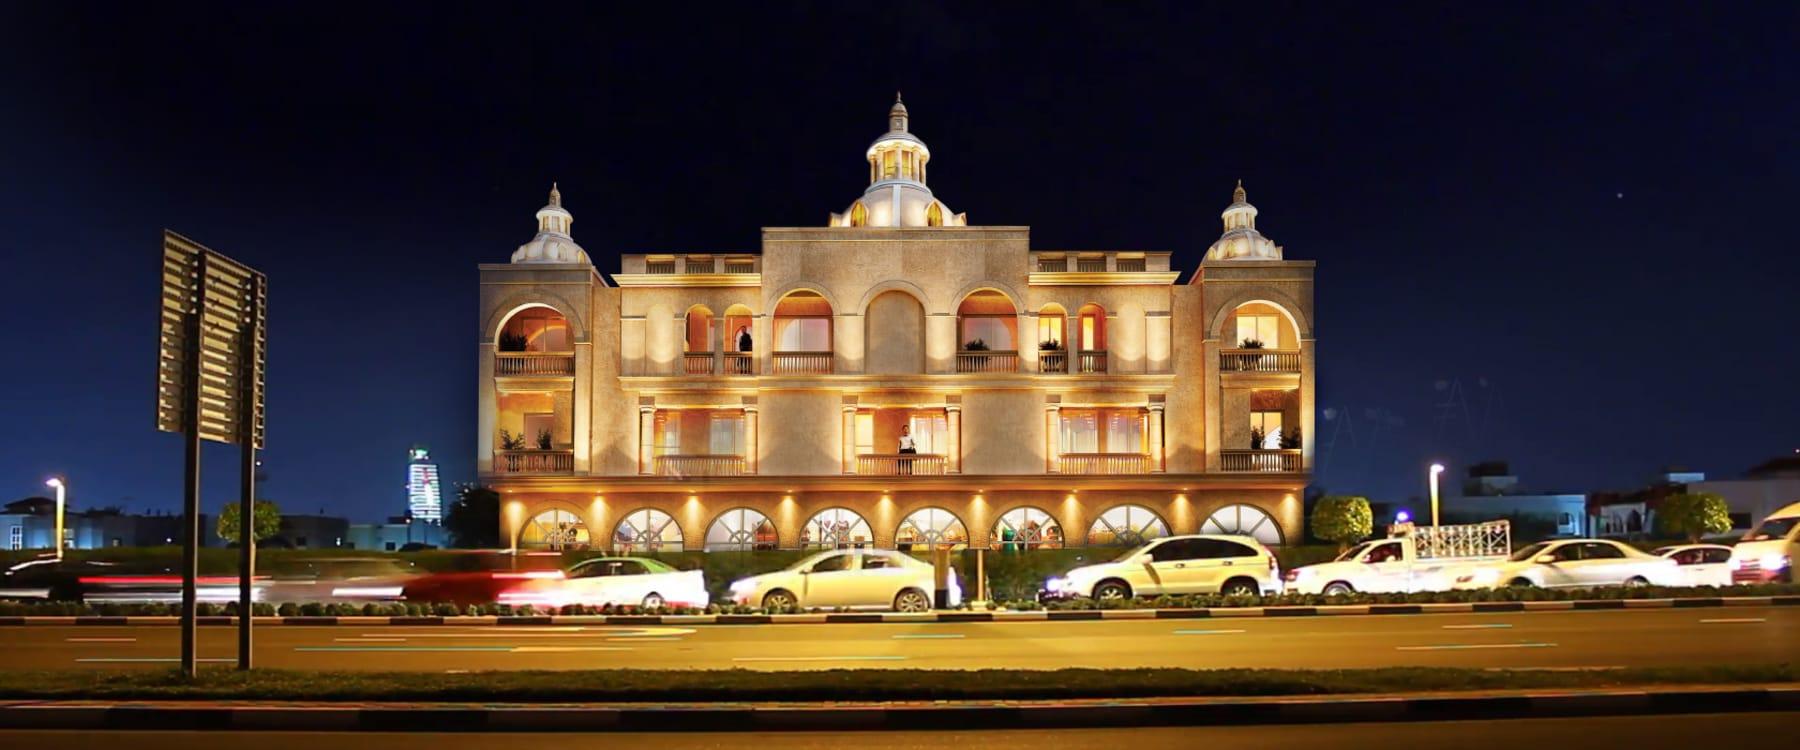 Elanza Mall & Residency, Islamabad | Graana.com